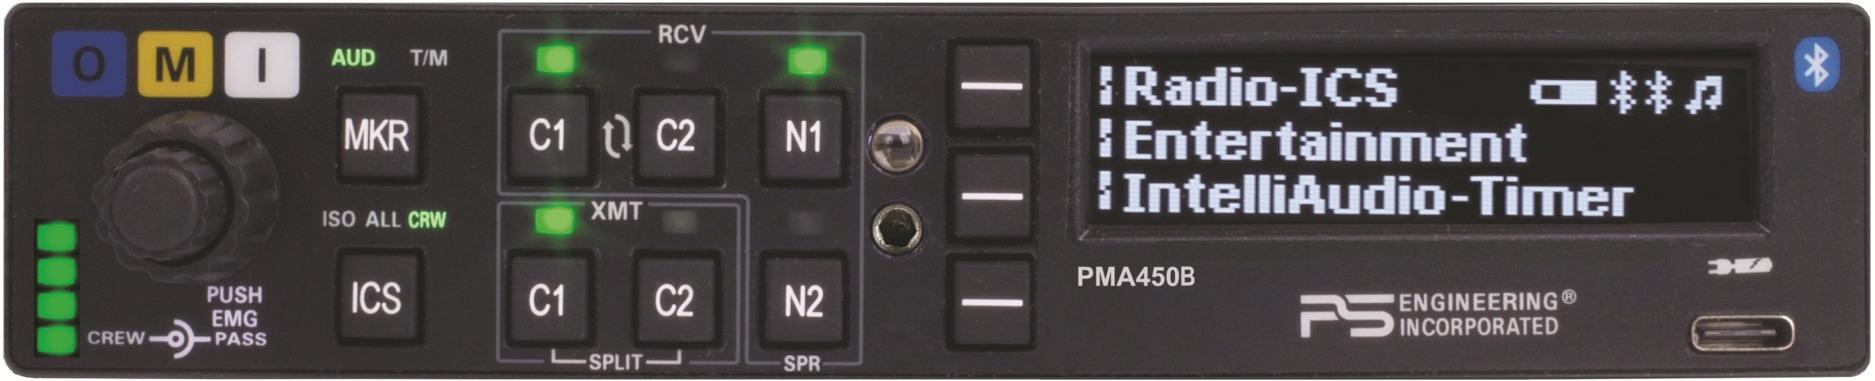 PMA450B